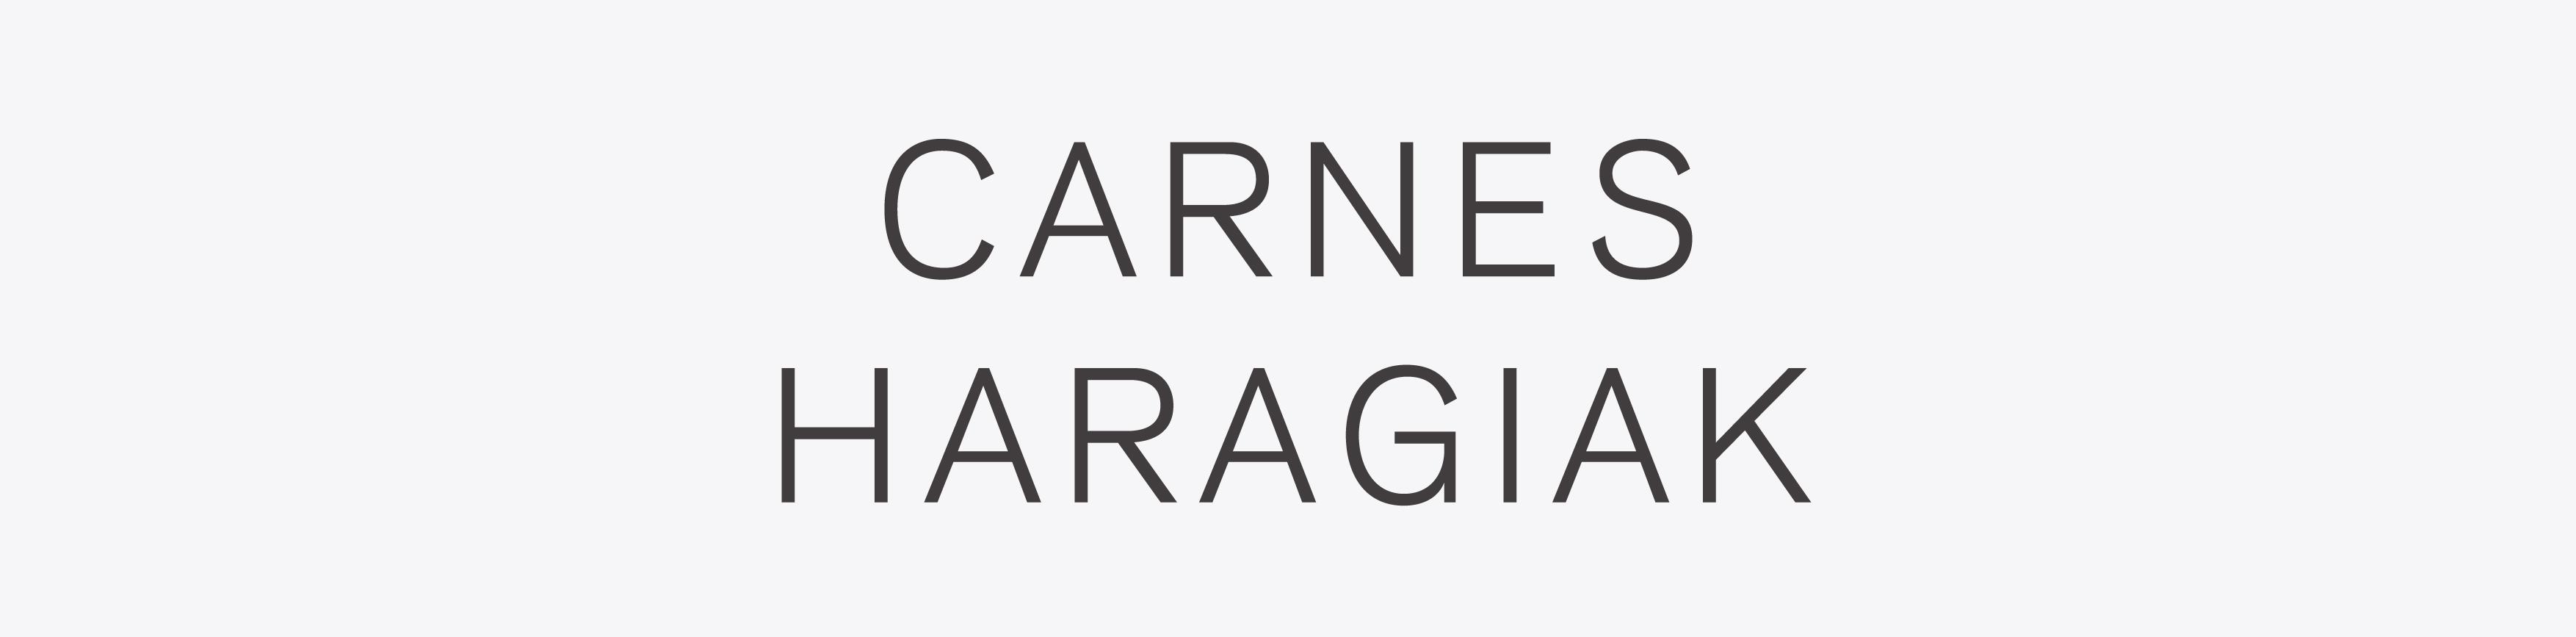 carta_borda_2017-10